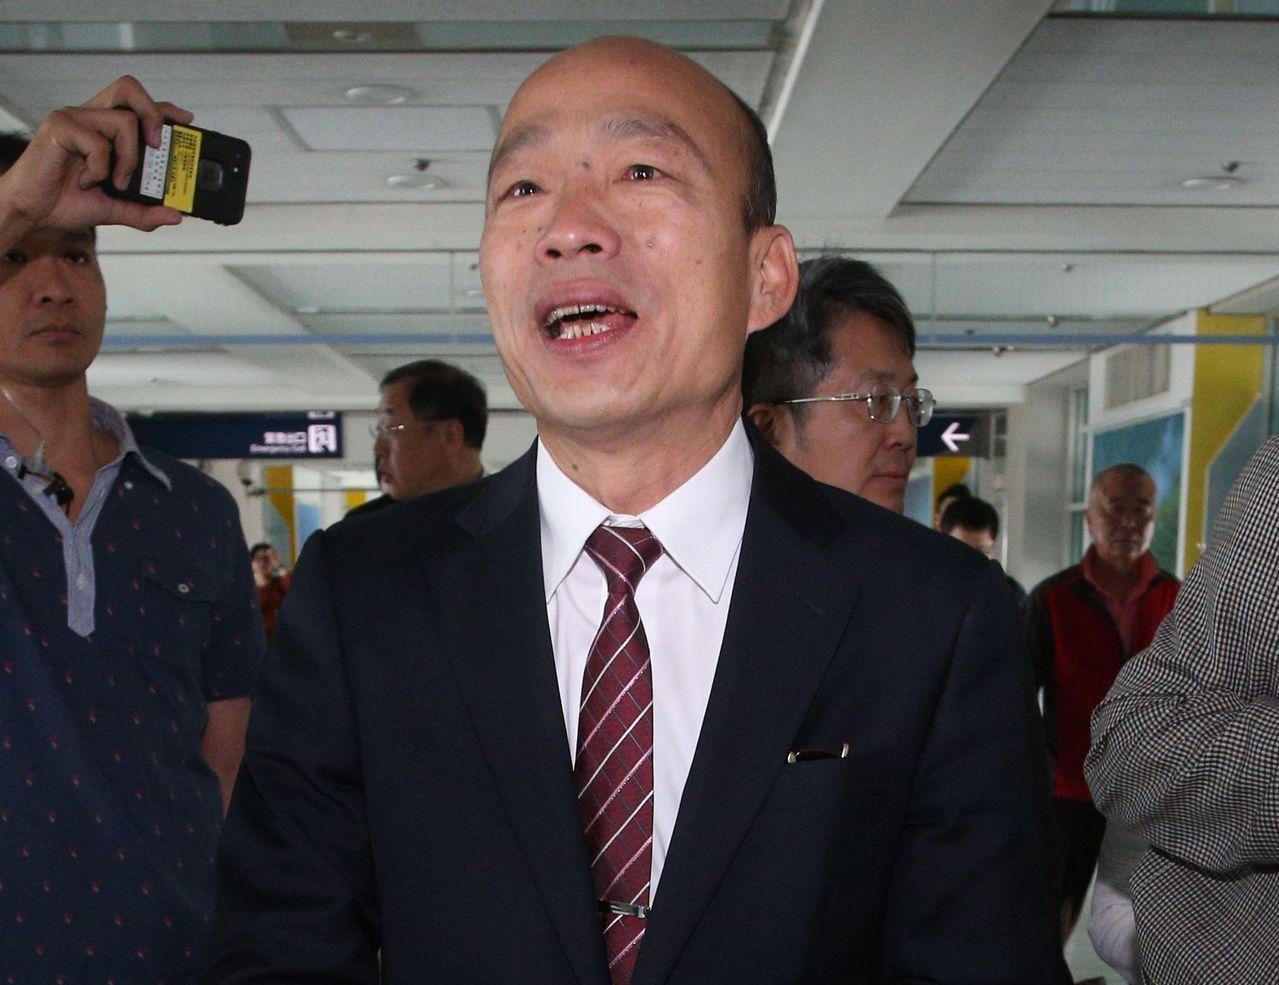 韓國瑜昨晚在LINE群組說「就這4年的時間,我會讓大家看見我履行諾言的決心與毅力...